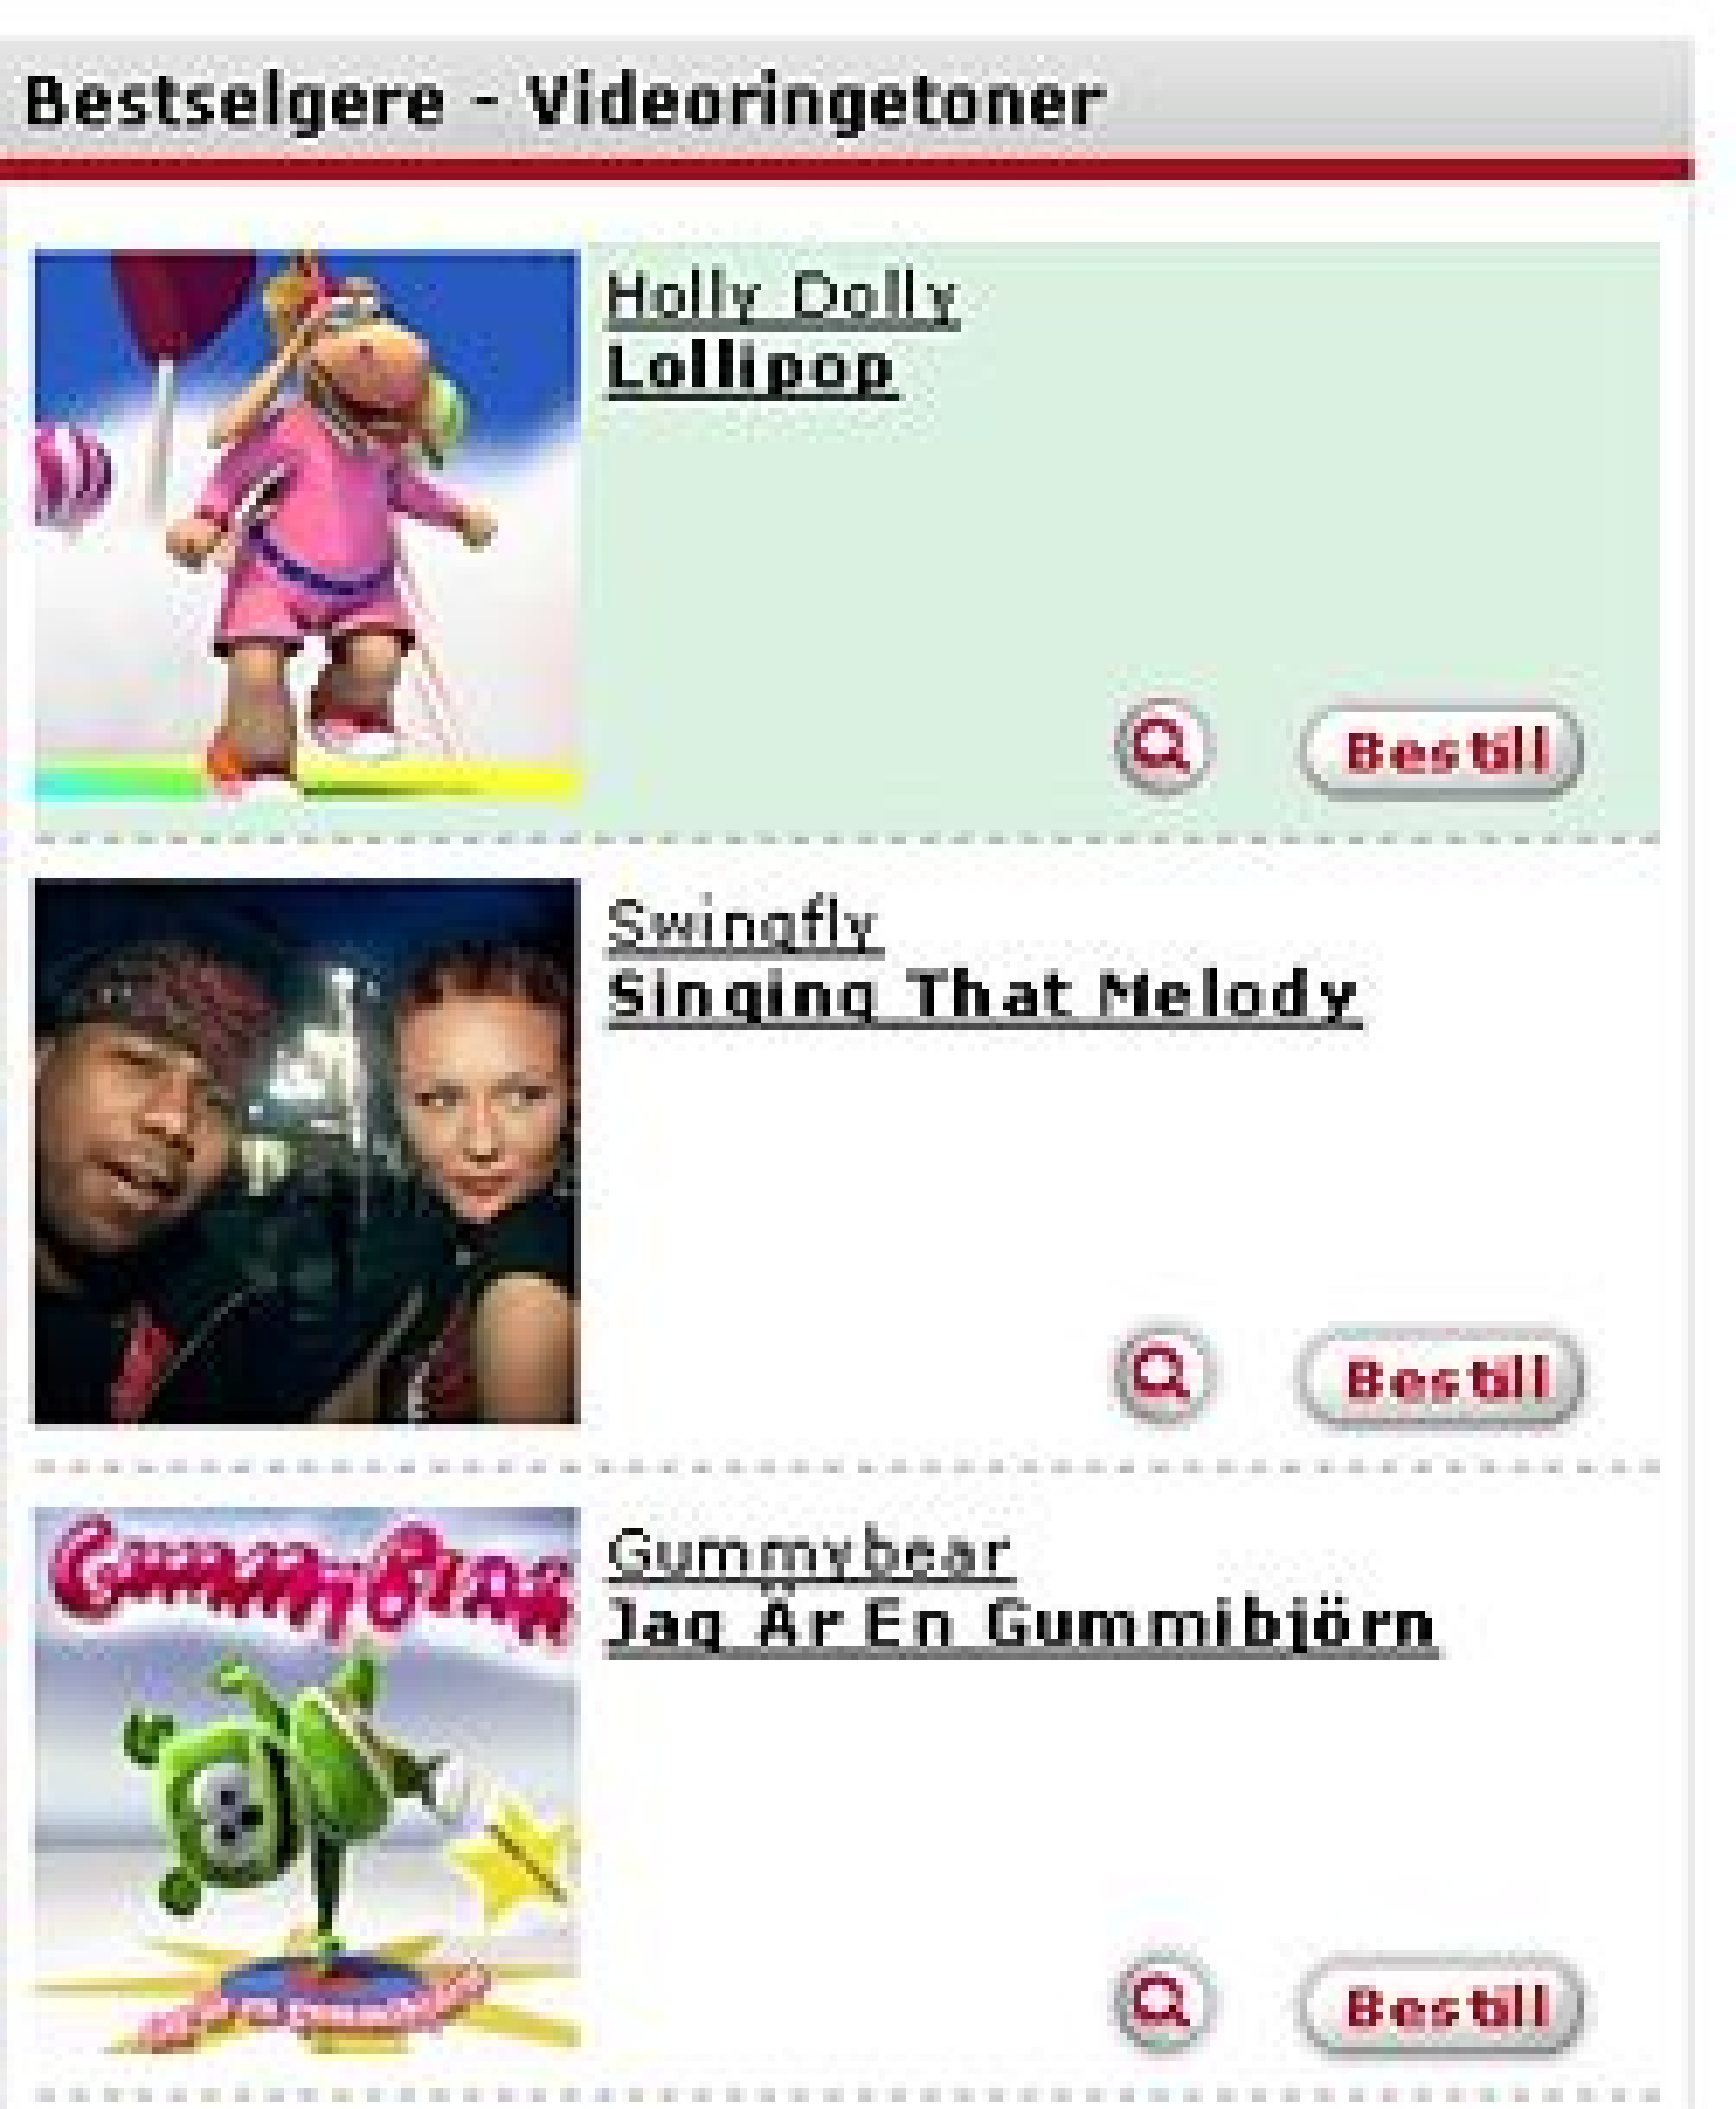 Telstra satser hardt på ringetoner, noe norske mobilbrukere blant annet finner hos Jamba. (Skjermskudd: Jamba.no)